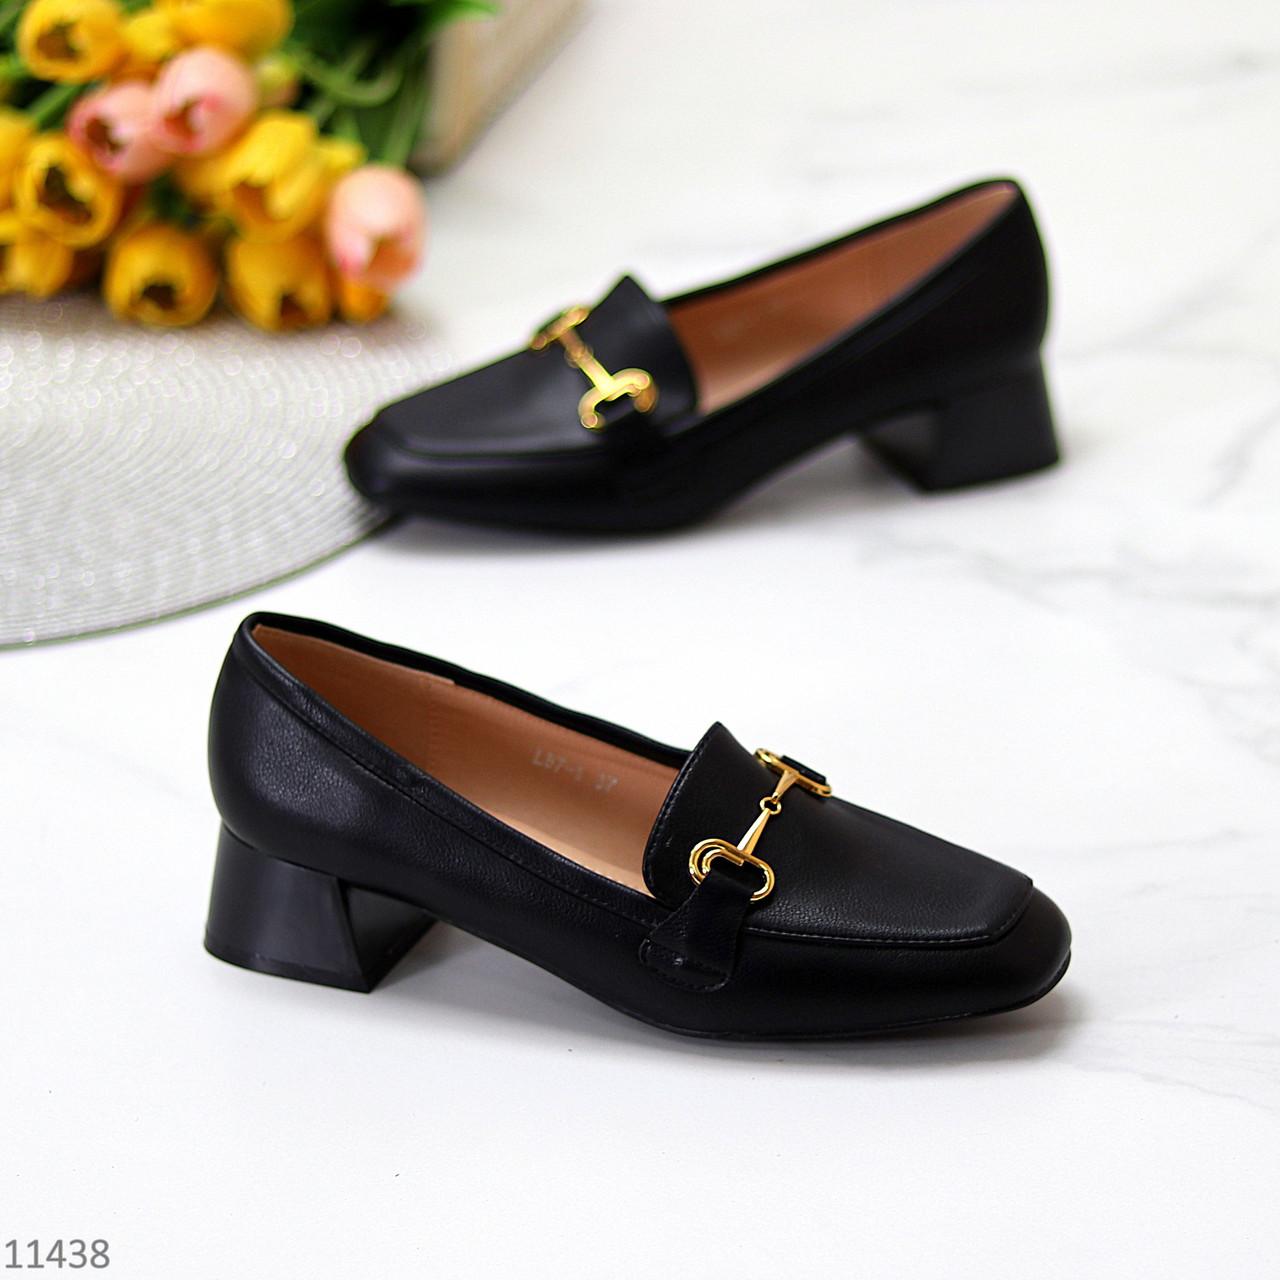 Люксові чорні жіночі туфлі на низькому каблуці в асортименті 38-24,5 40-26см